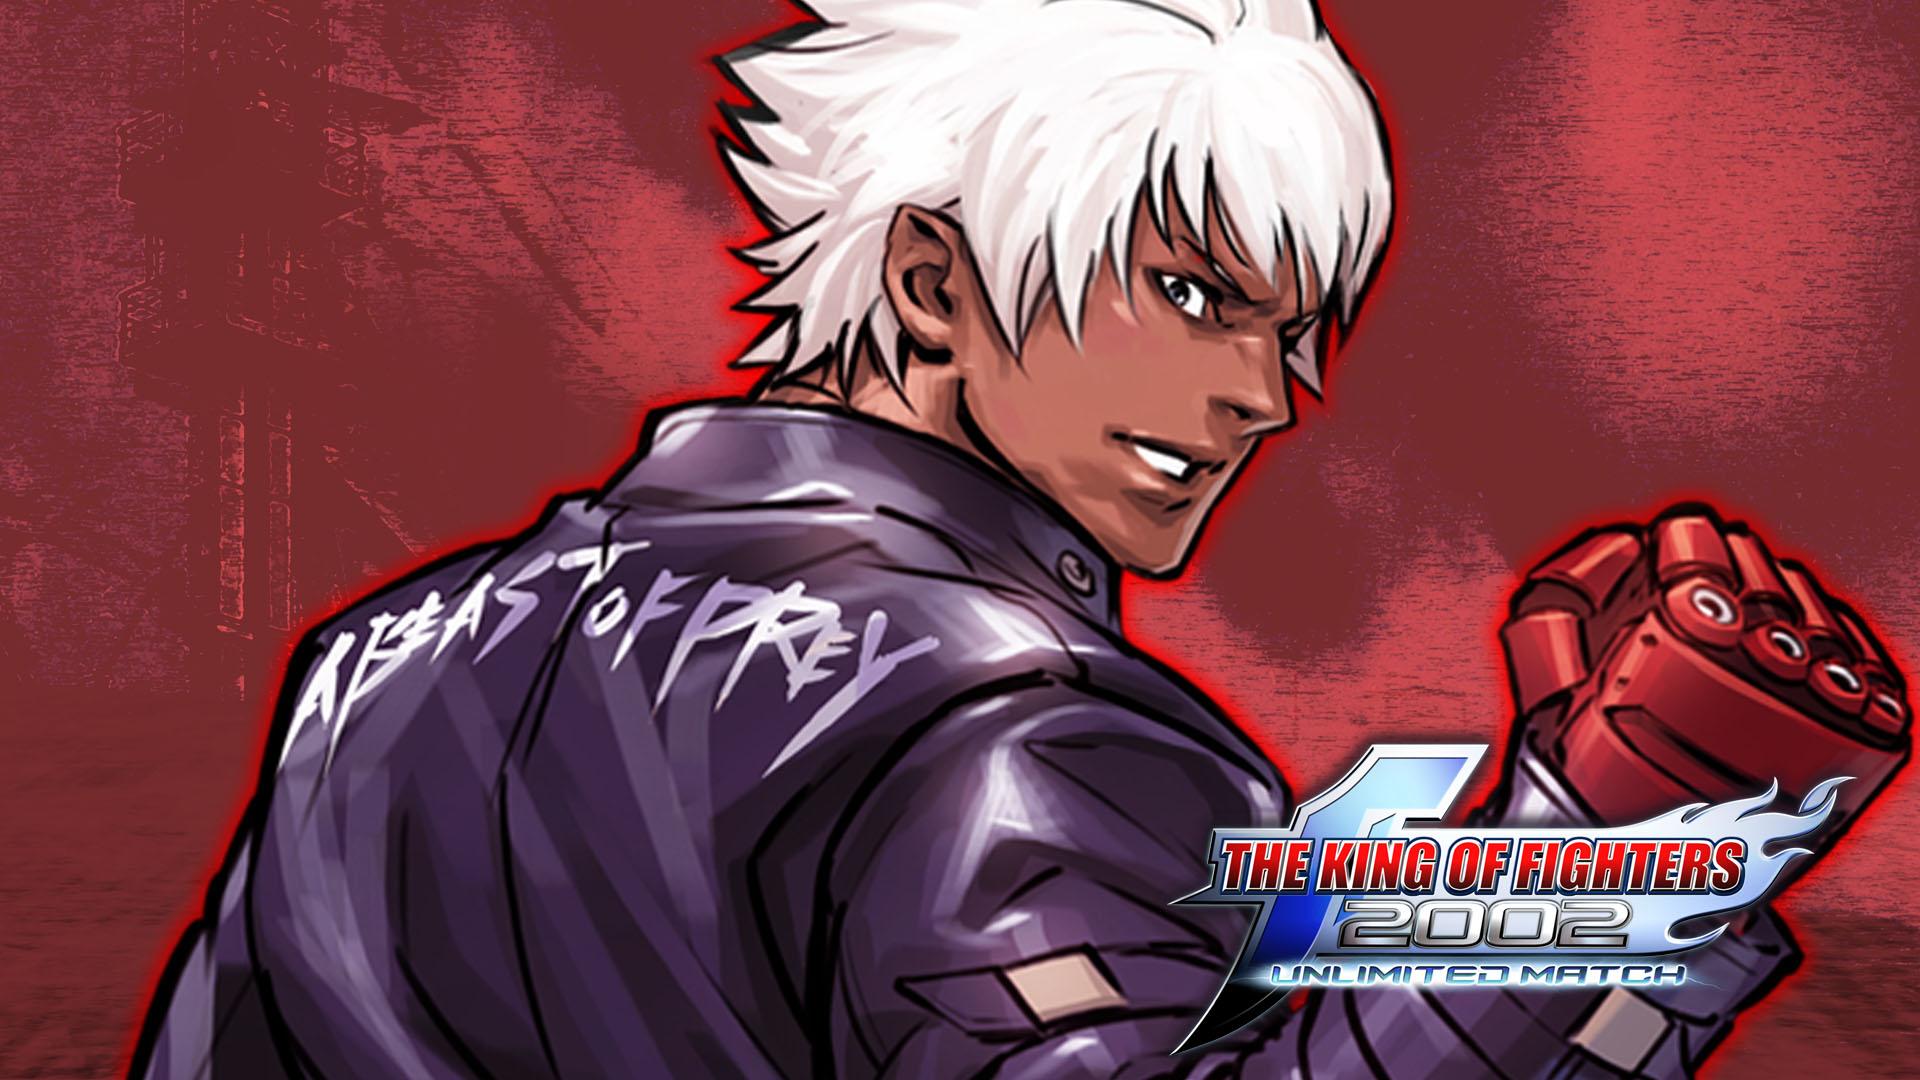 Pour vous qui est le meilleur personnage des jeux de combat SNK - Page 3 A9afae979a86a0a878cf3838538f0552b0ff46d2